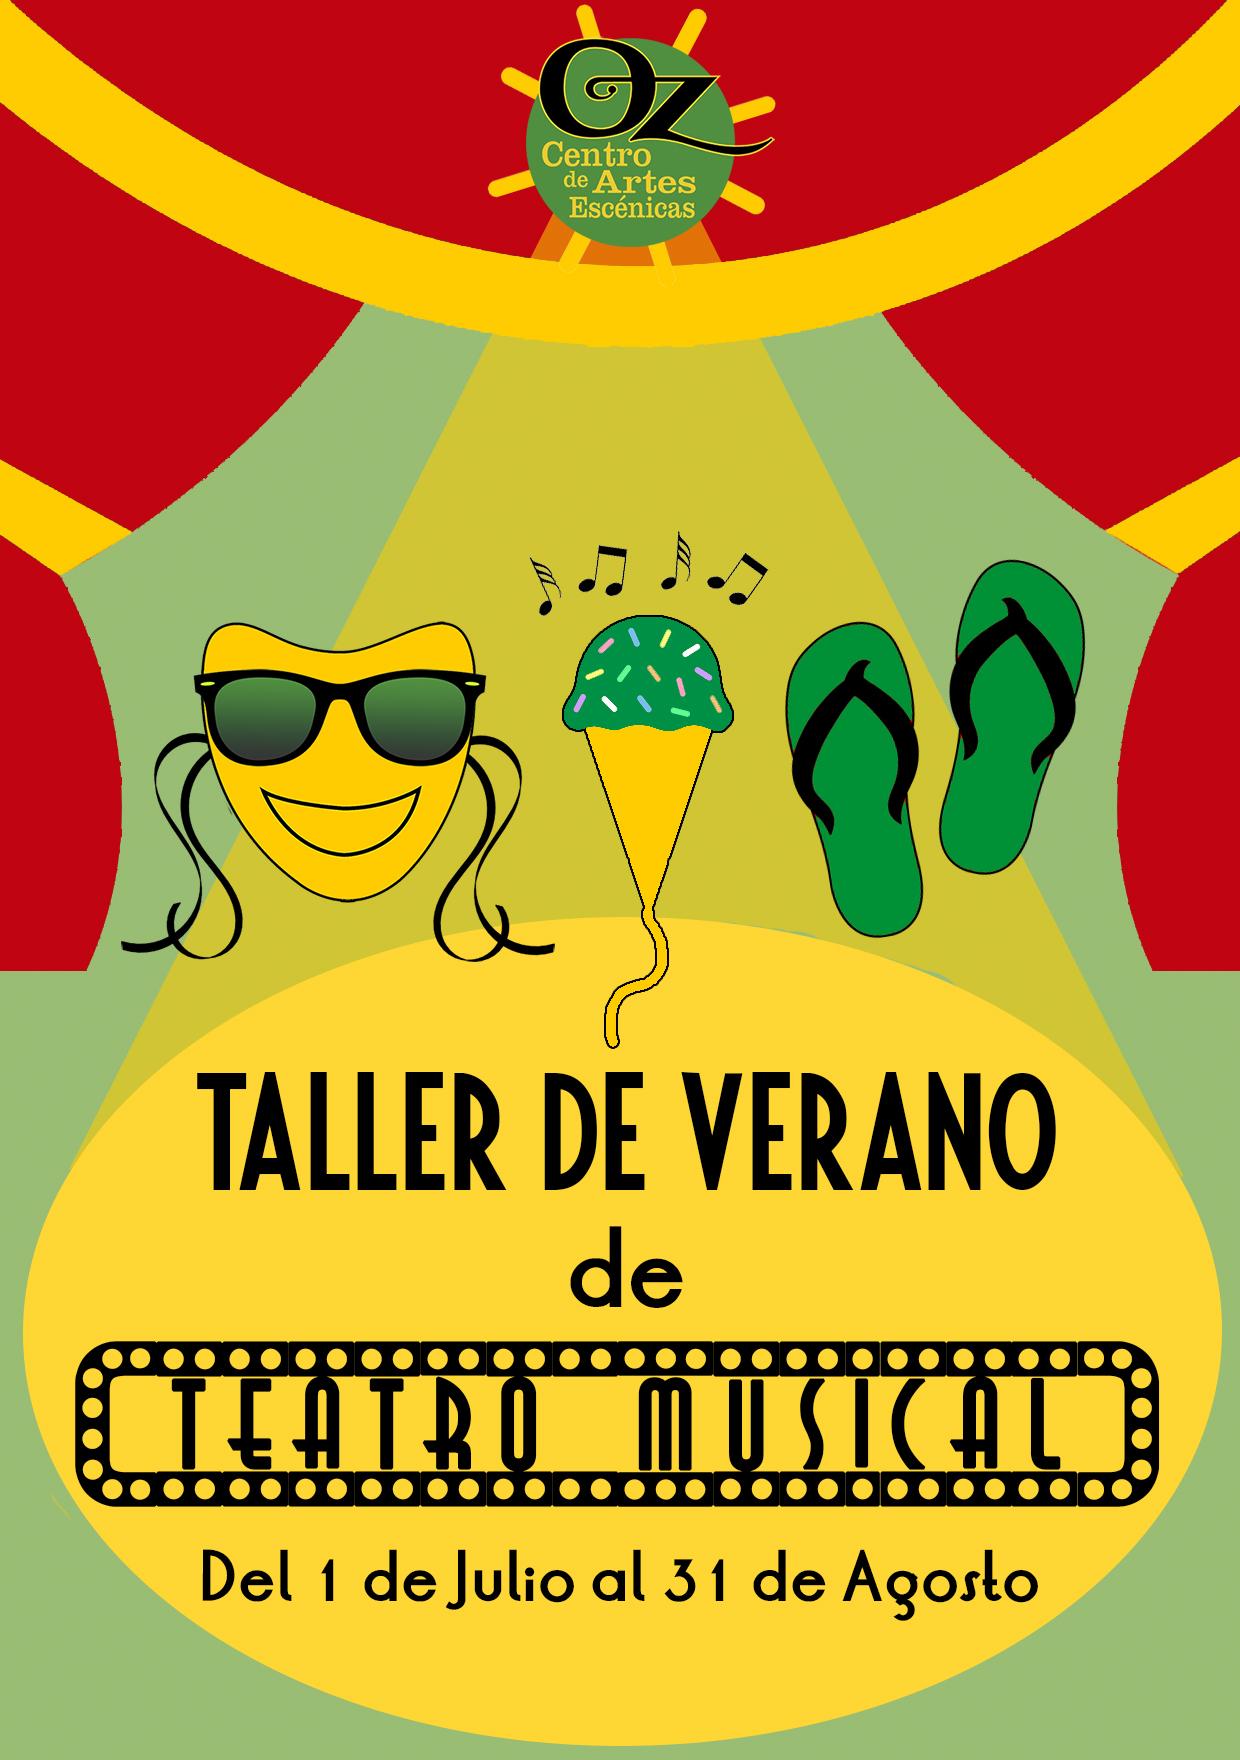 Taller_Verano_Teatro_Musical_Oz